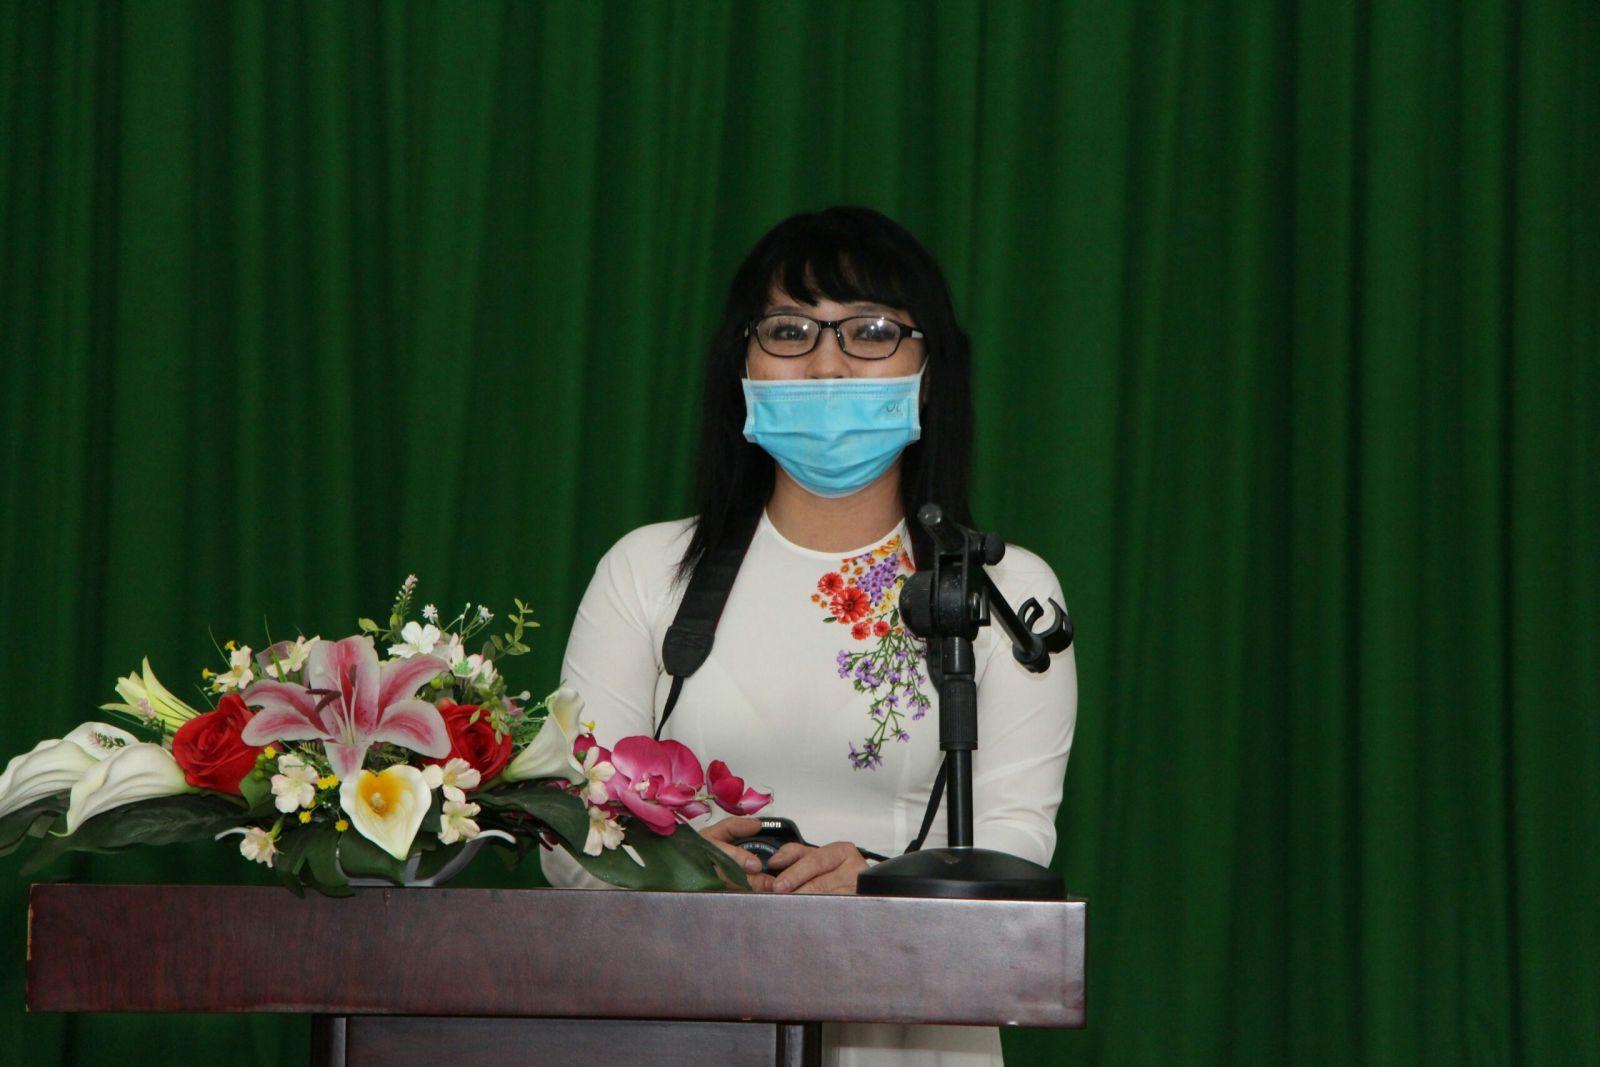 https://ngoisaokinhdoanh.vn/uploads/images/ban%202.jpg